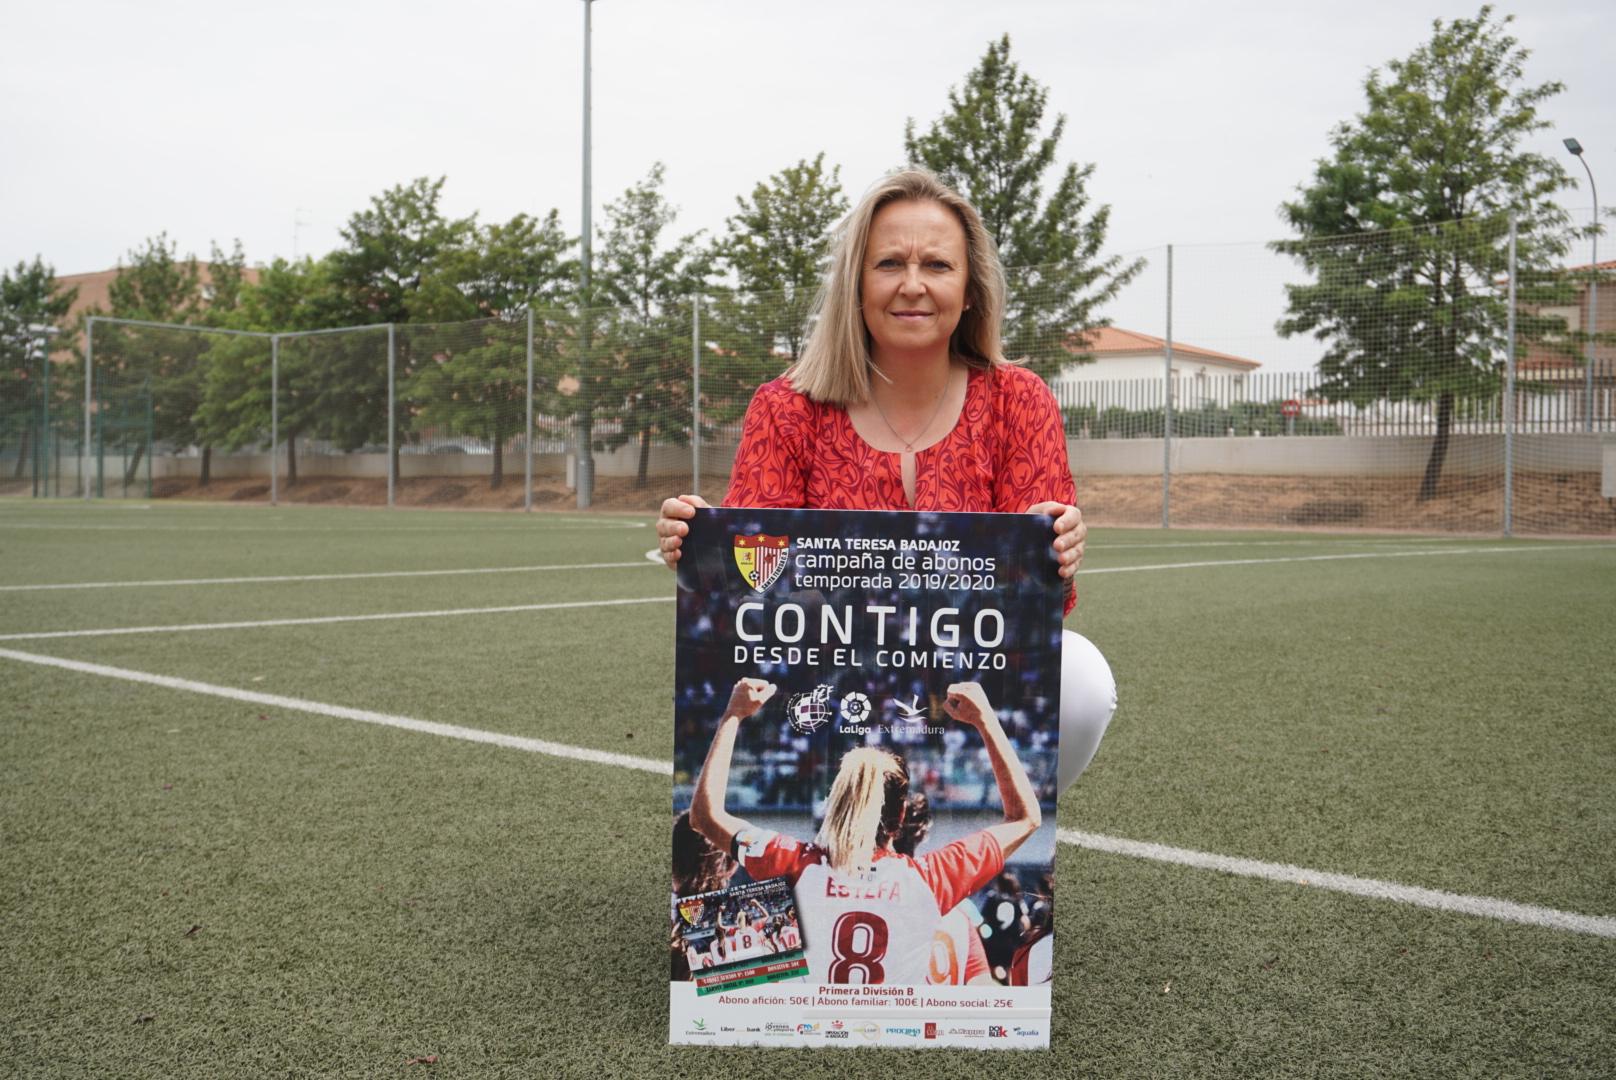 El Santa Teresa Badajoz presenta su campaña 2019/2020